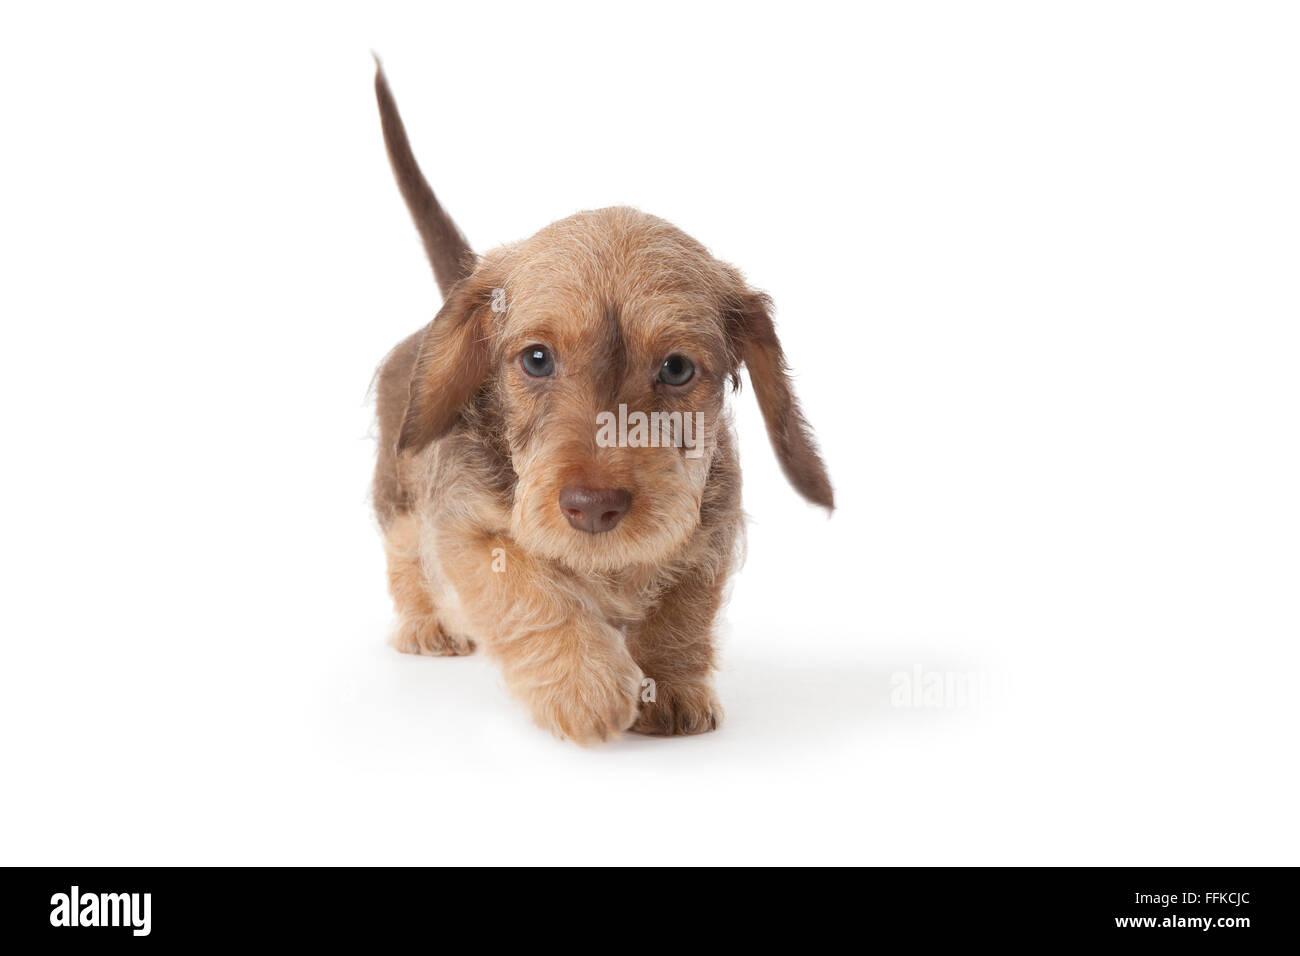 Filo a piedi dai capelli bassotto cucciolo su sfondo bianco Immagini Stock